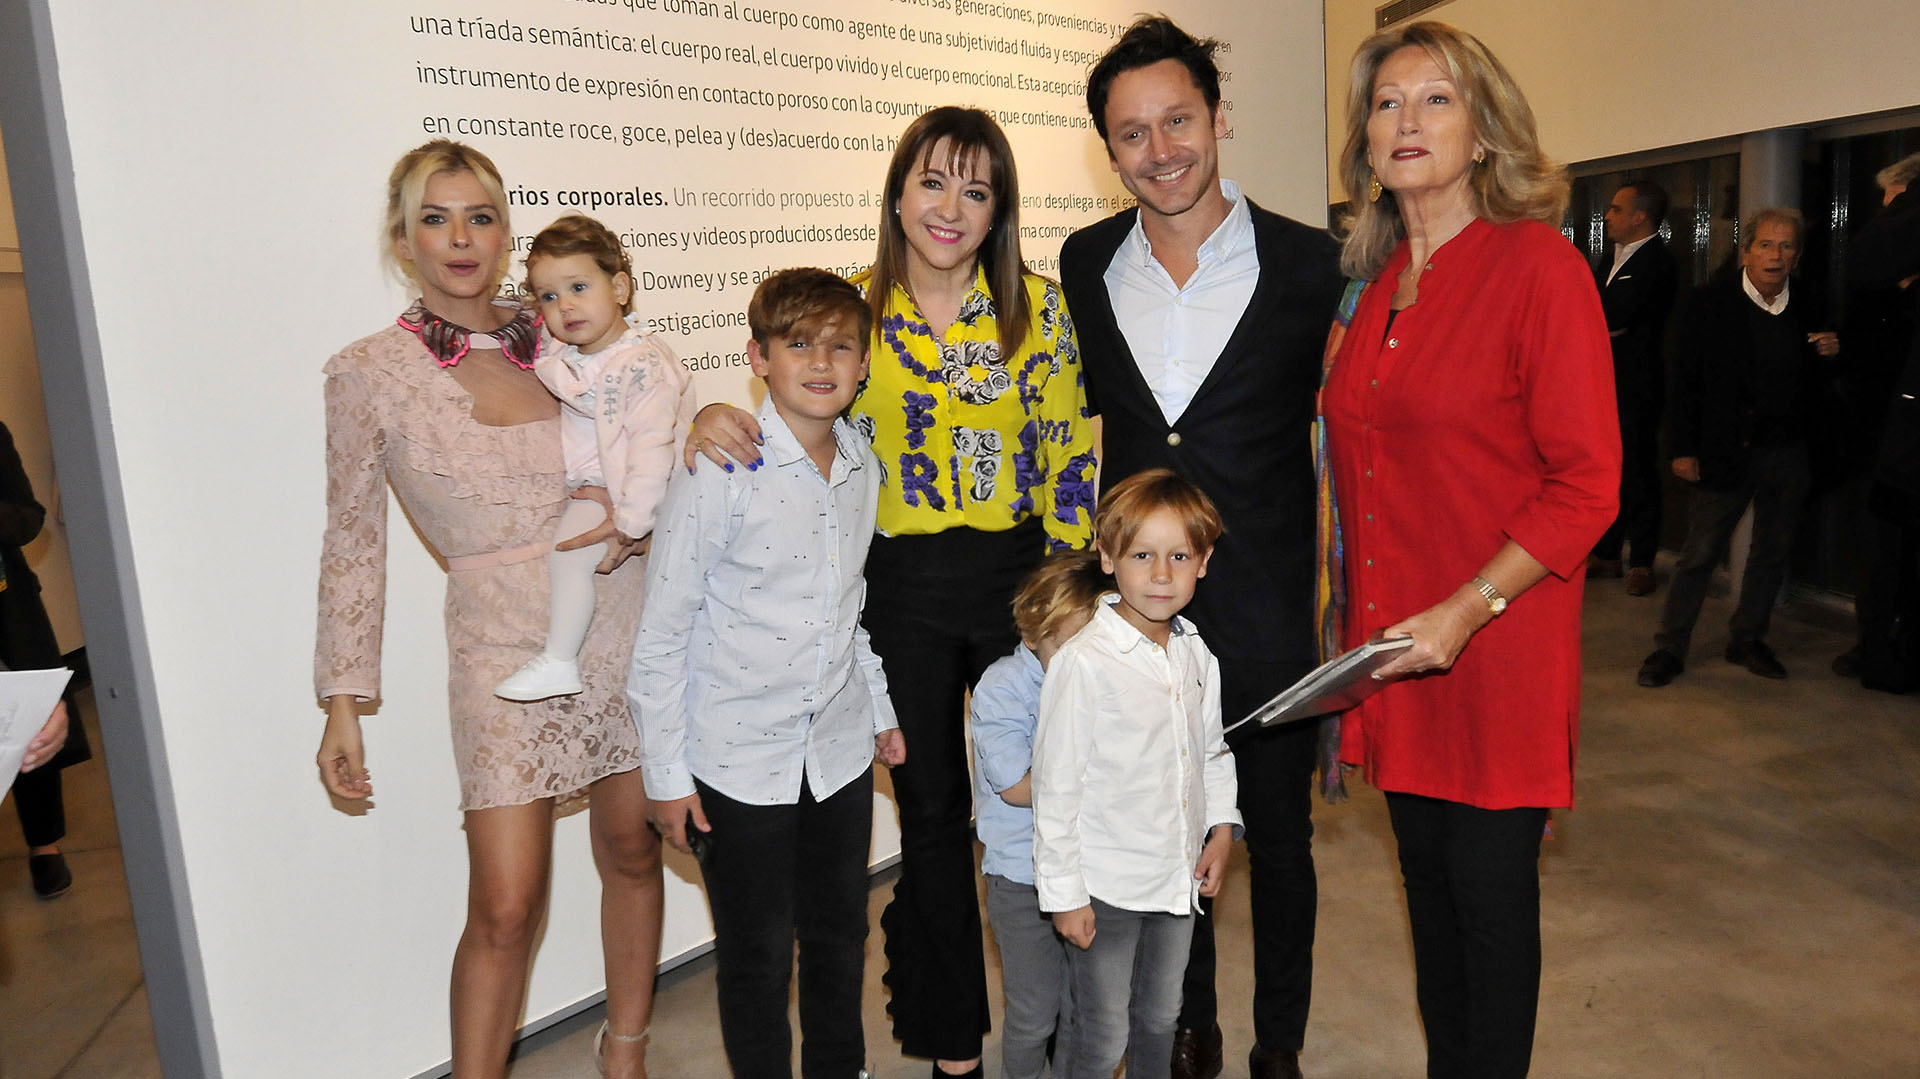 Benjamín Vicuña recibió una distinción en la Embajada de Chile en la Argentina (Fotos: Verónica Guerman/Teleshow)